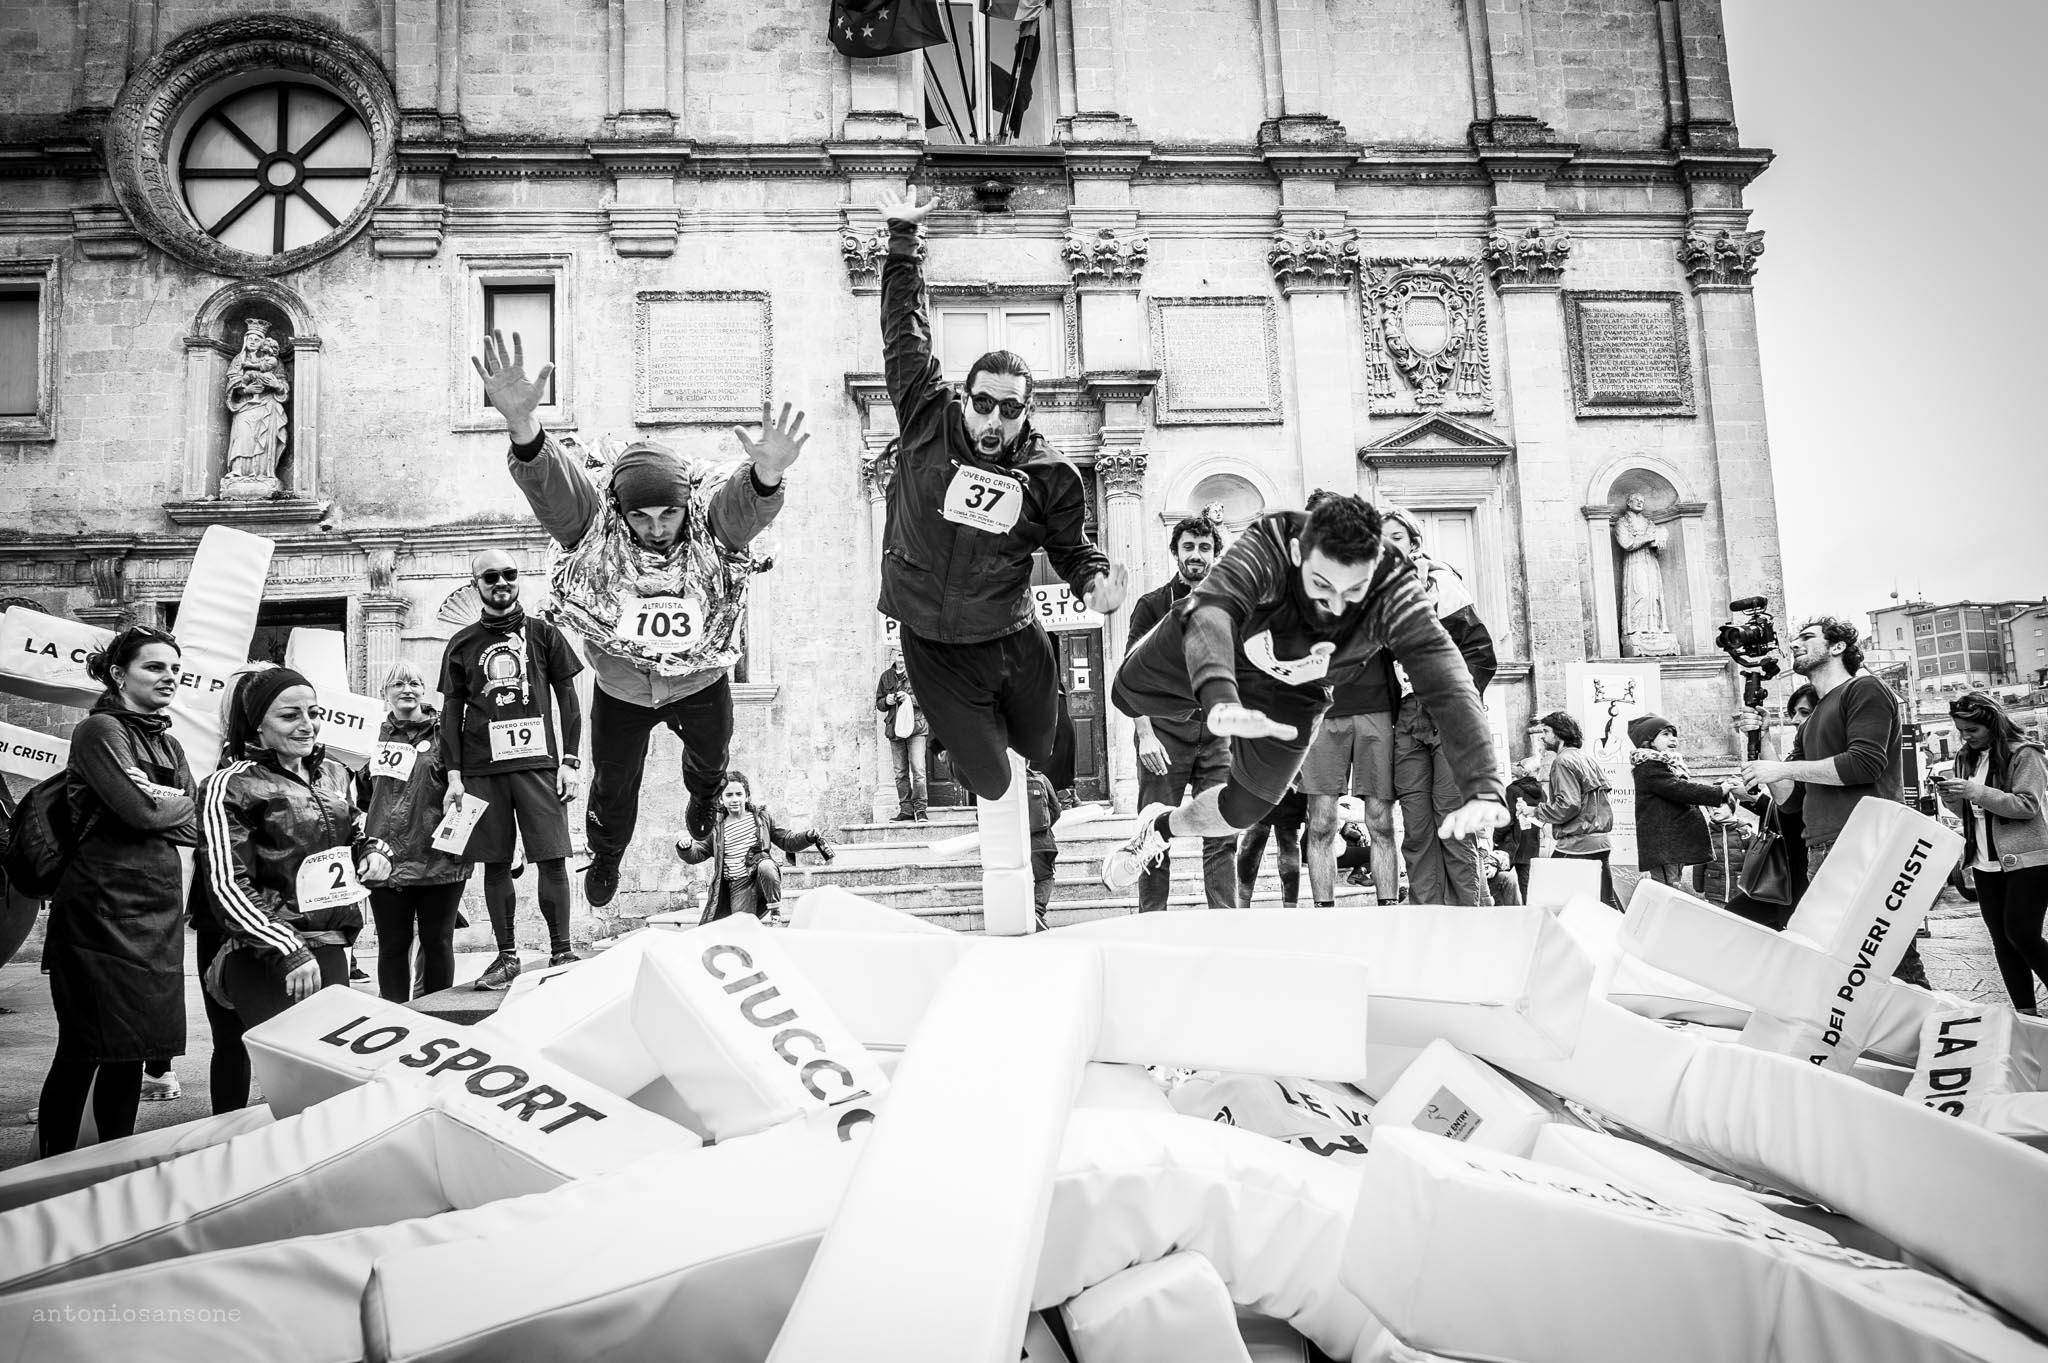 Salto - La corsa dei poveri cristi